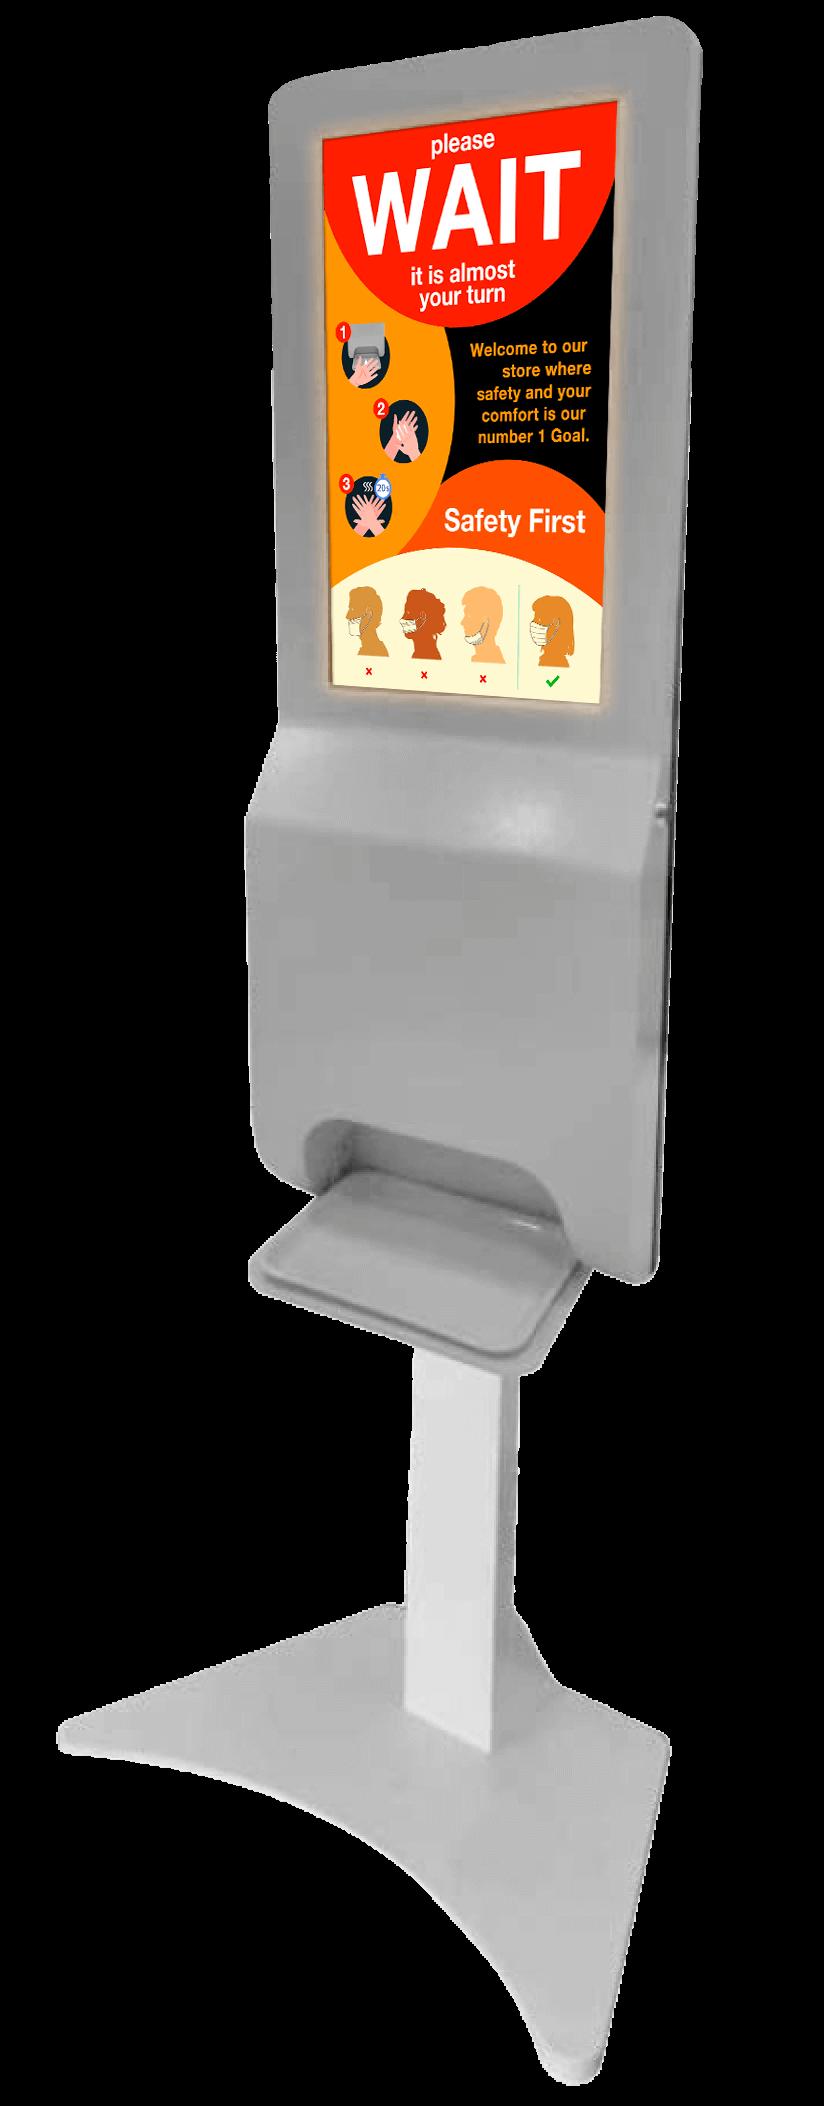 Kiosk stand WAIT